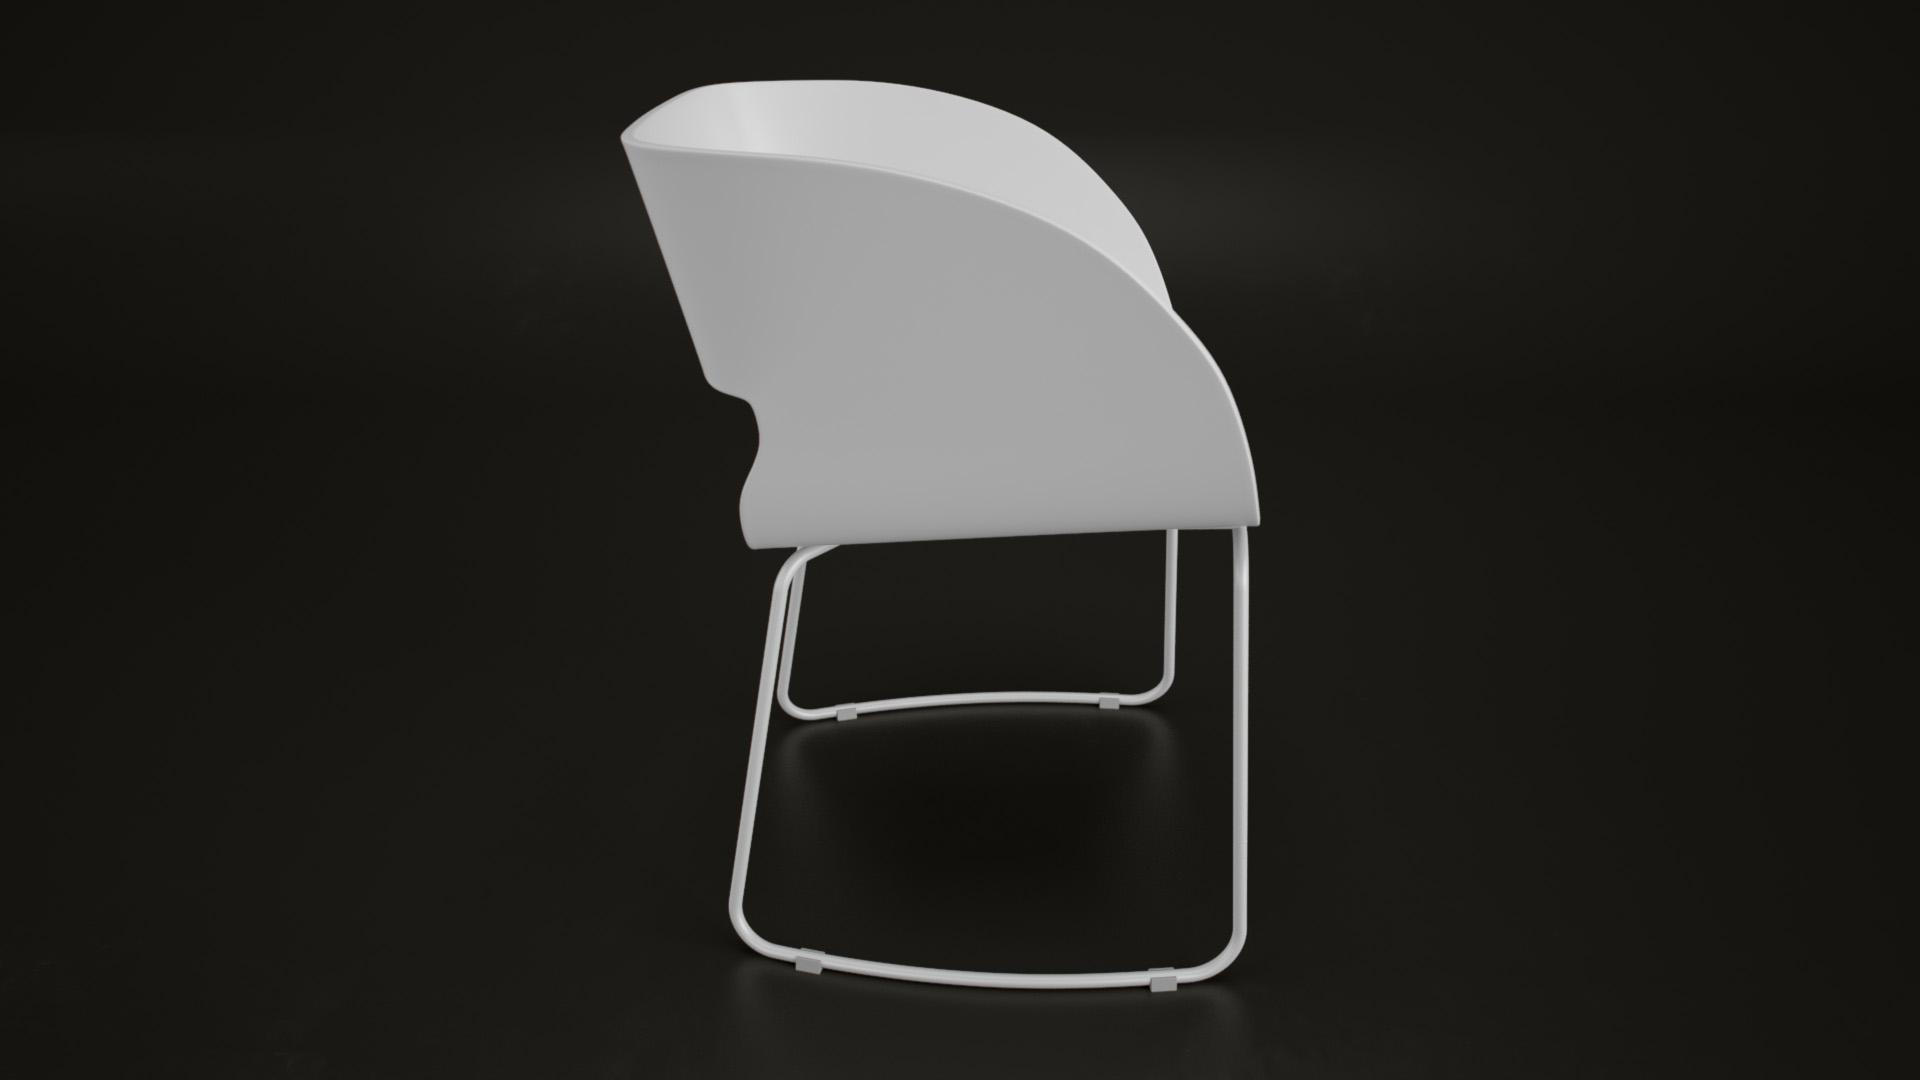 Vintage_Chair_SledLegs_BlackSet_01_V1.01_0002